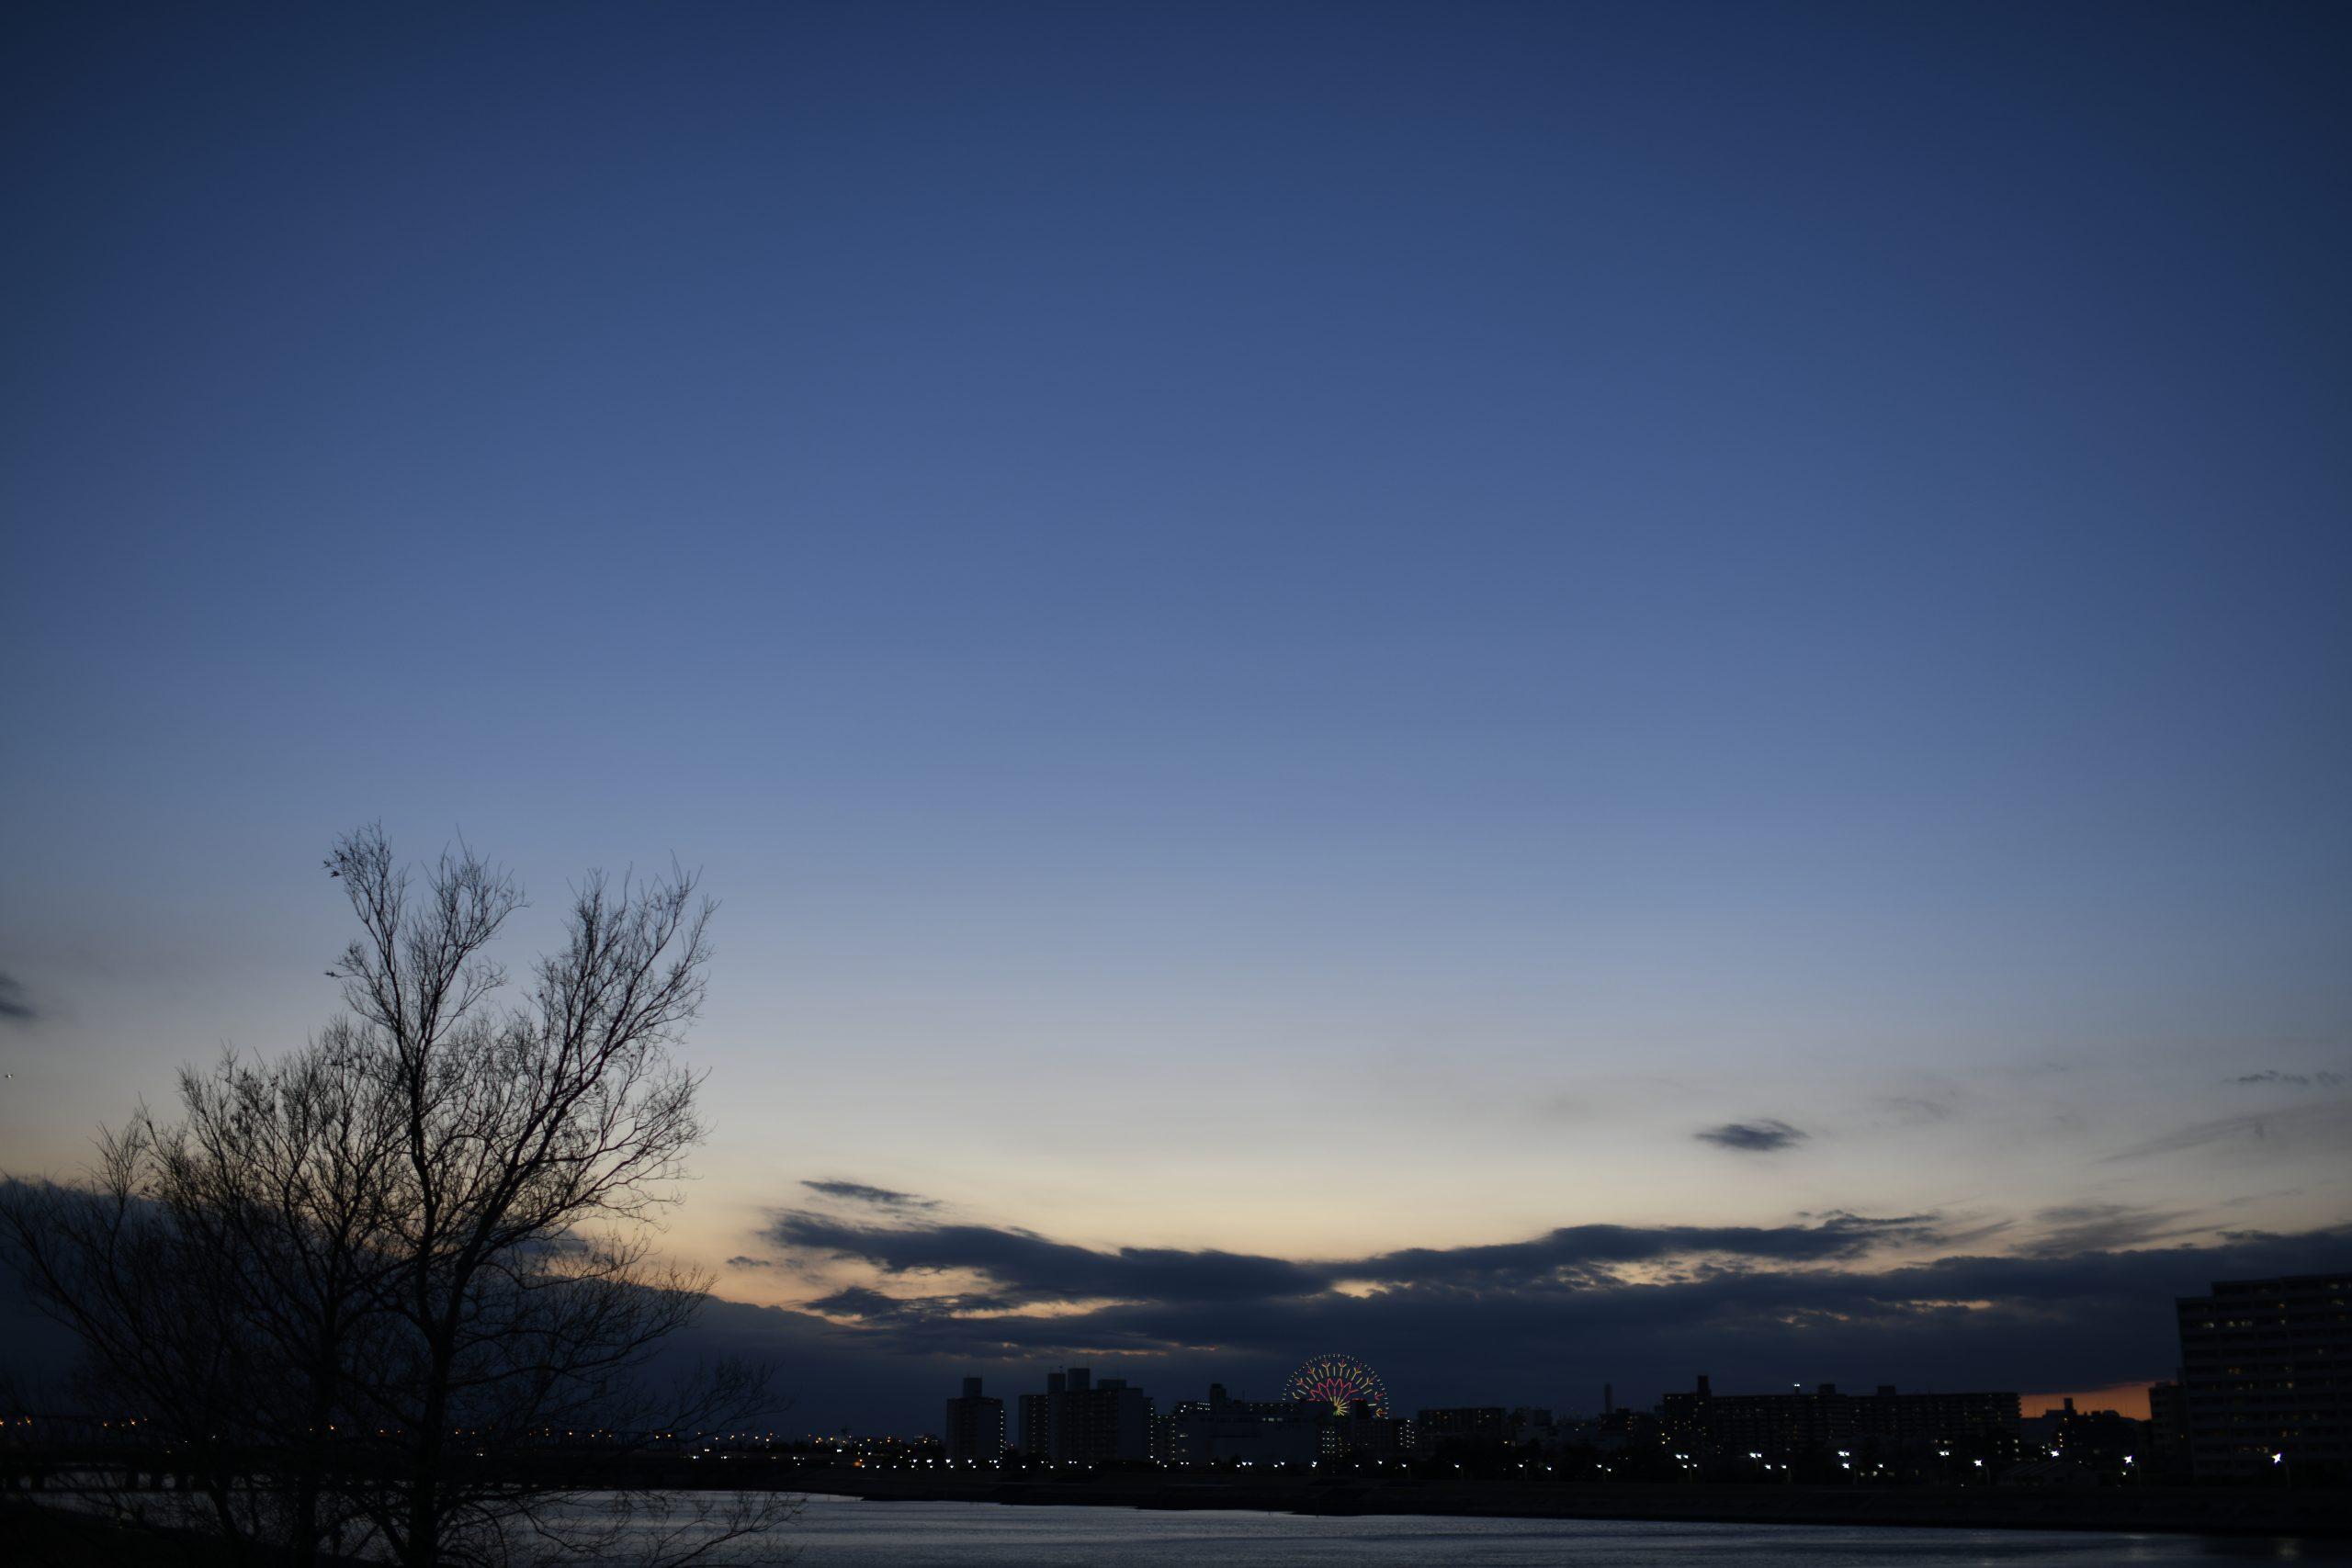 【Canon】【Nikon】空色表現比較 Vol.5